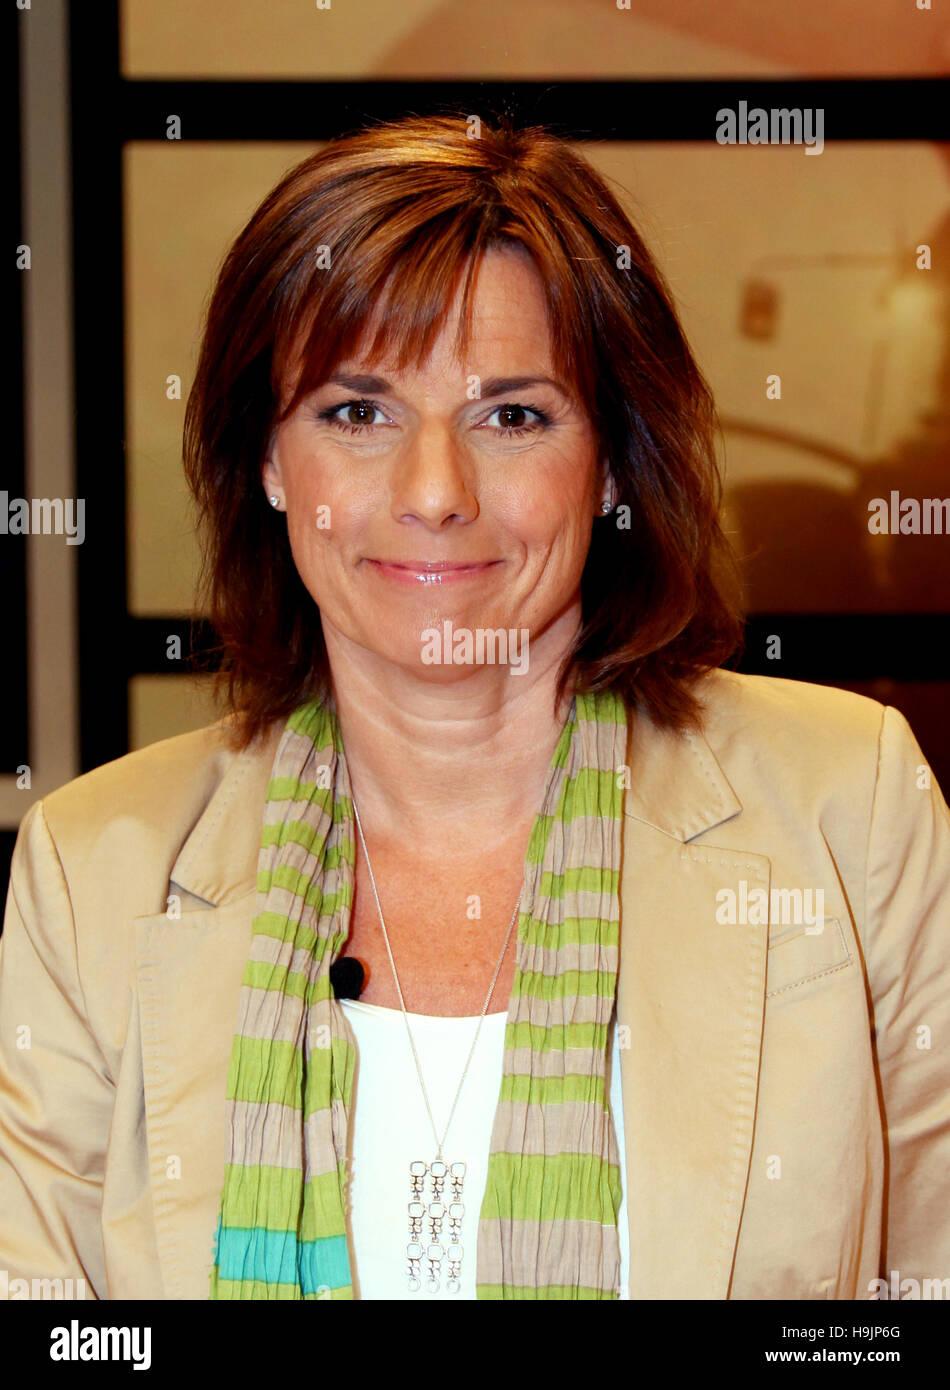 ISABELLA LÖVIN político Sueco y delantera persona por el Partido Verde en 2016 se convirtió en Ministra de Medio Foto de stock